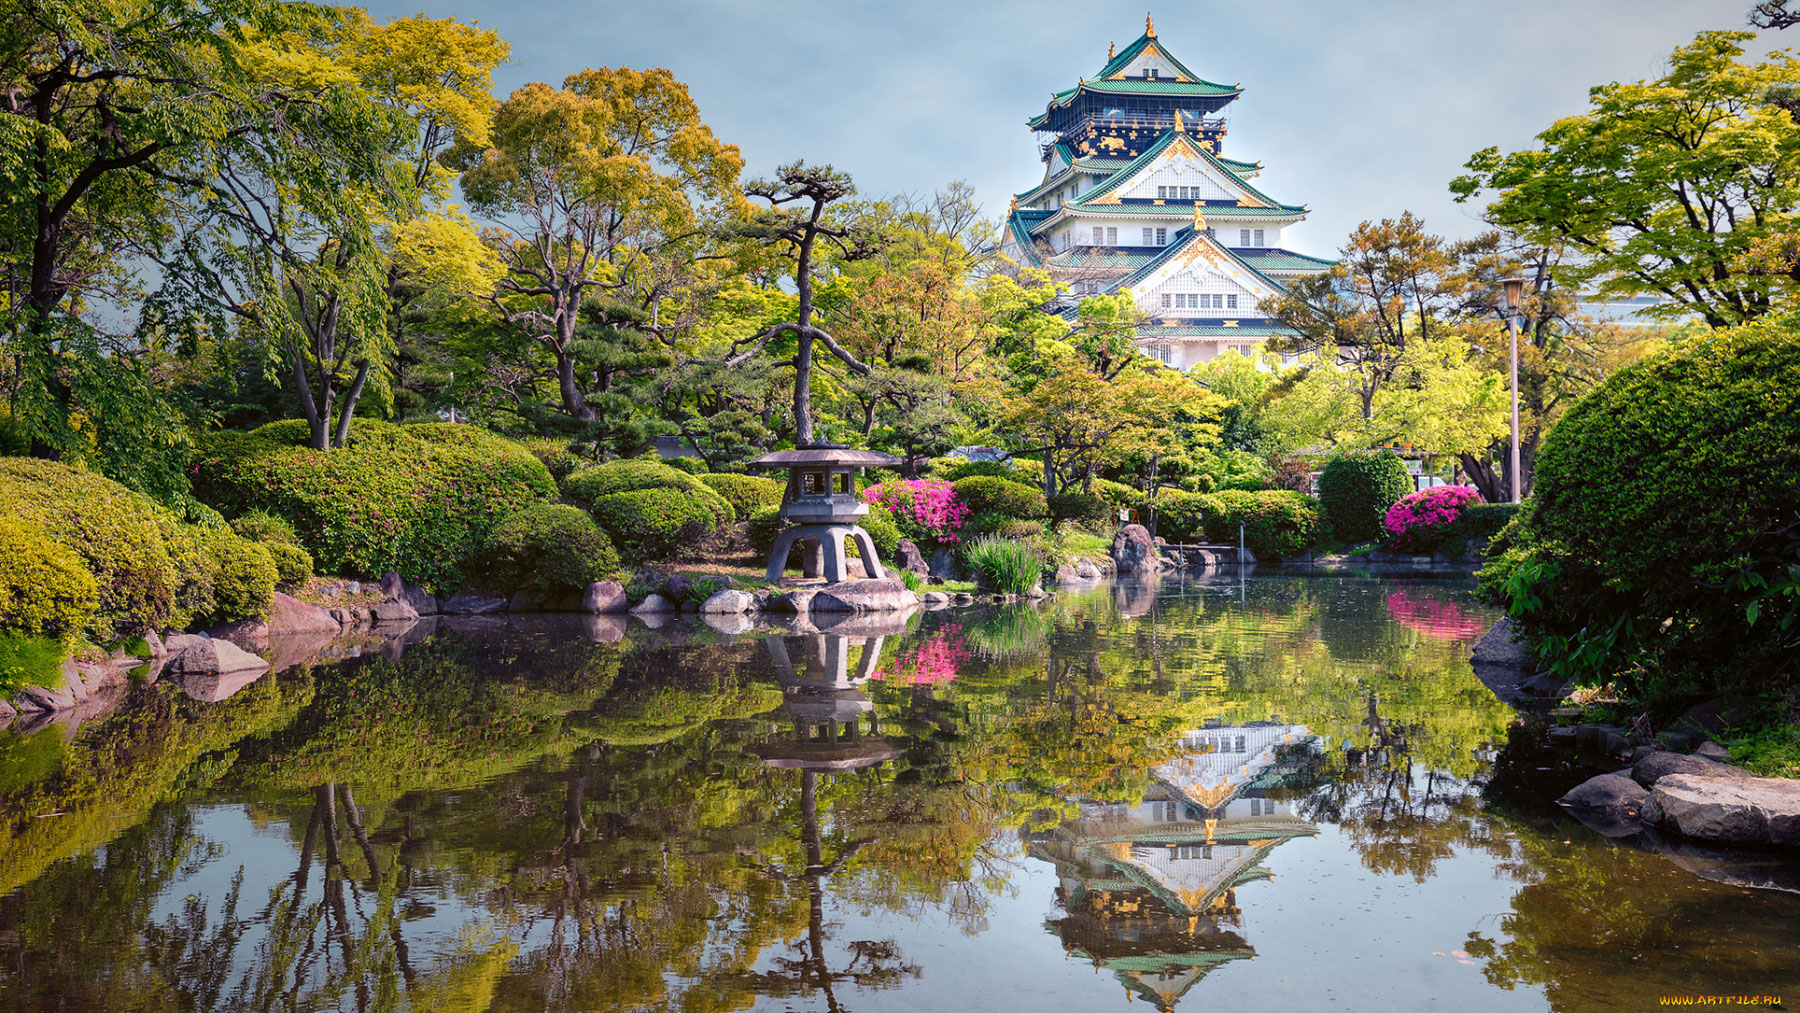 قلعه ی اوساکا یا اوزاکا